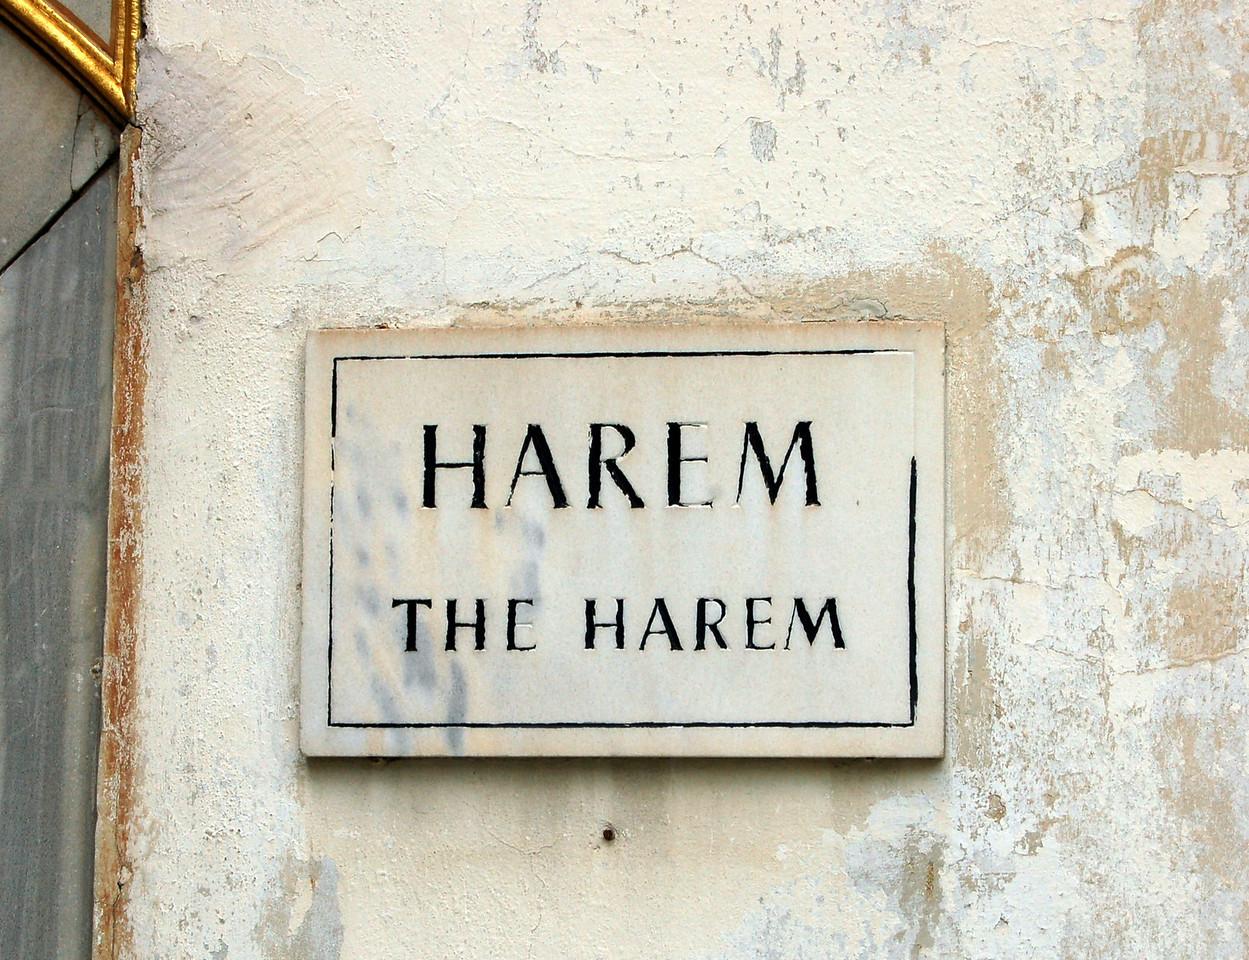 Harem!